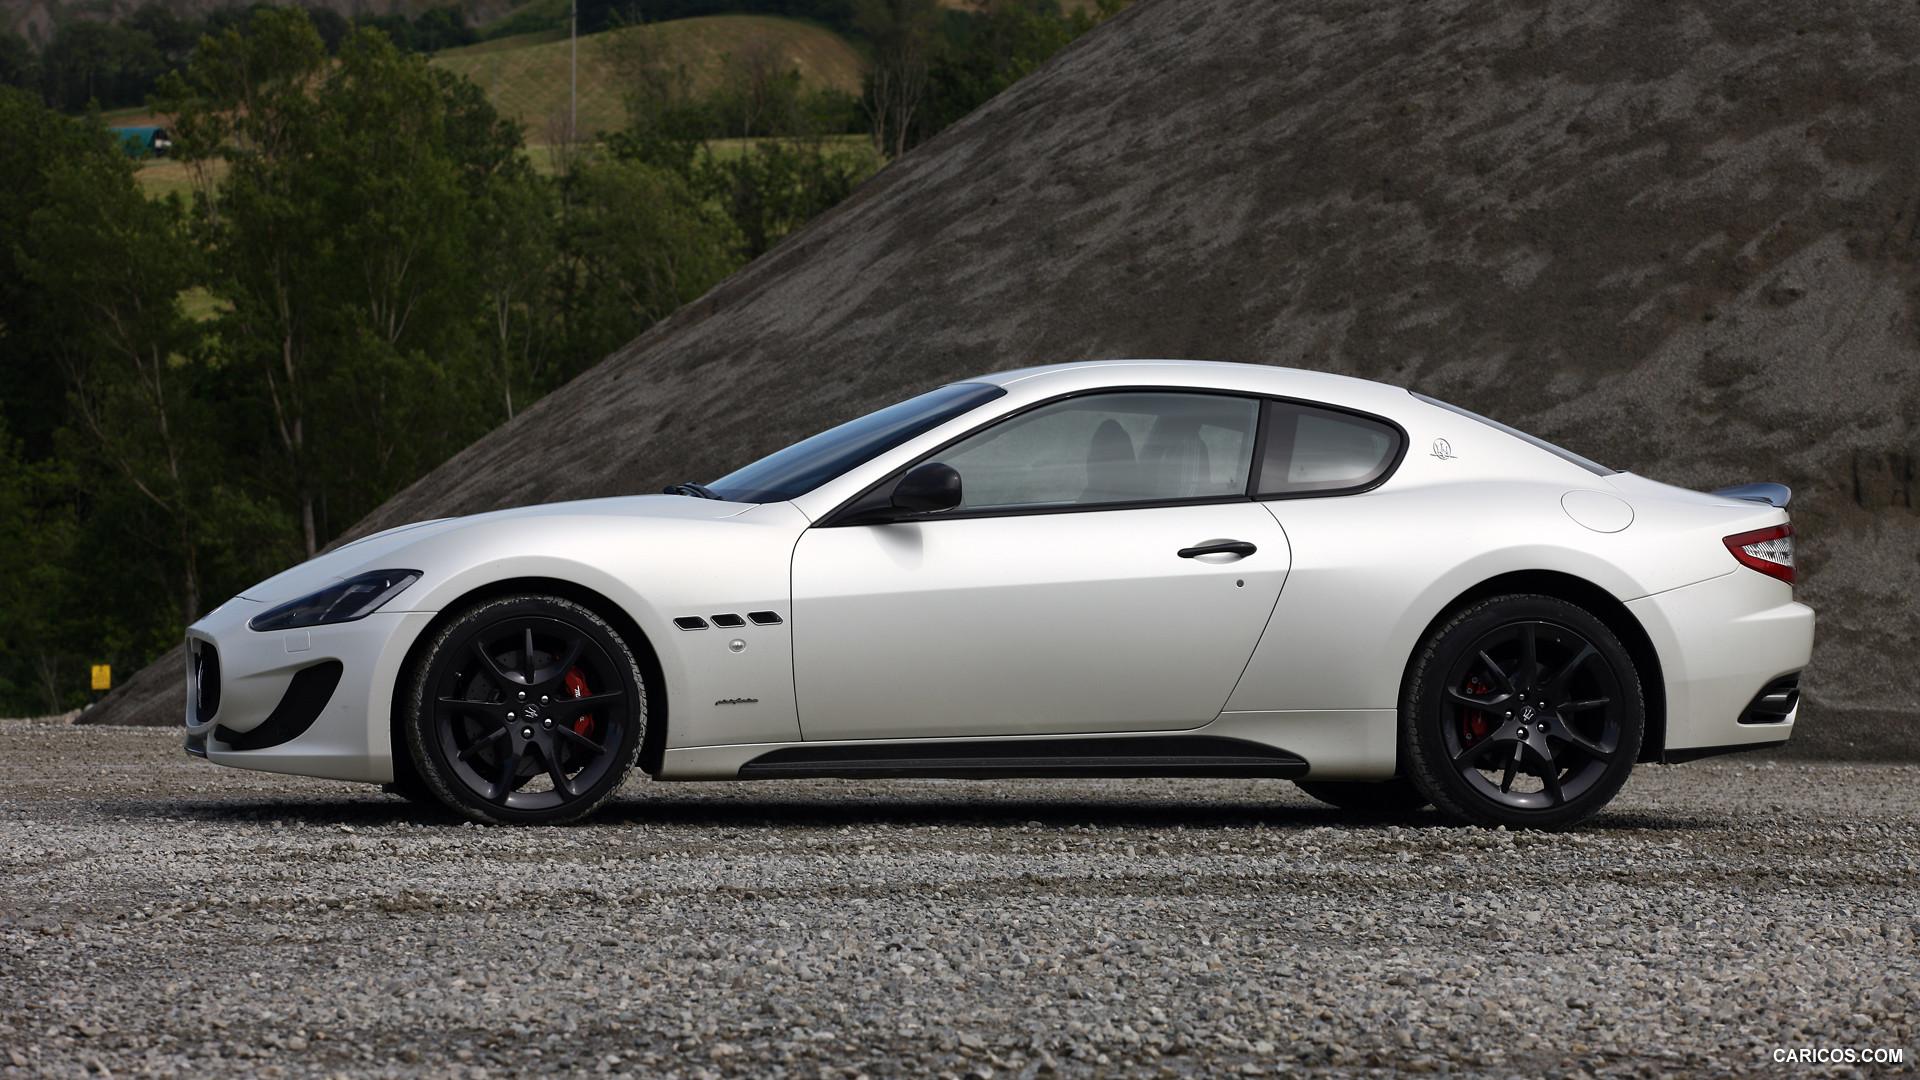 2013 Maserati GranTurismo HD Wallpaper